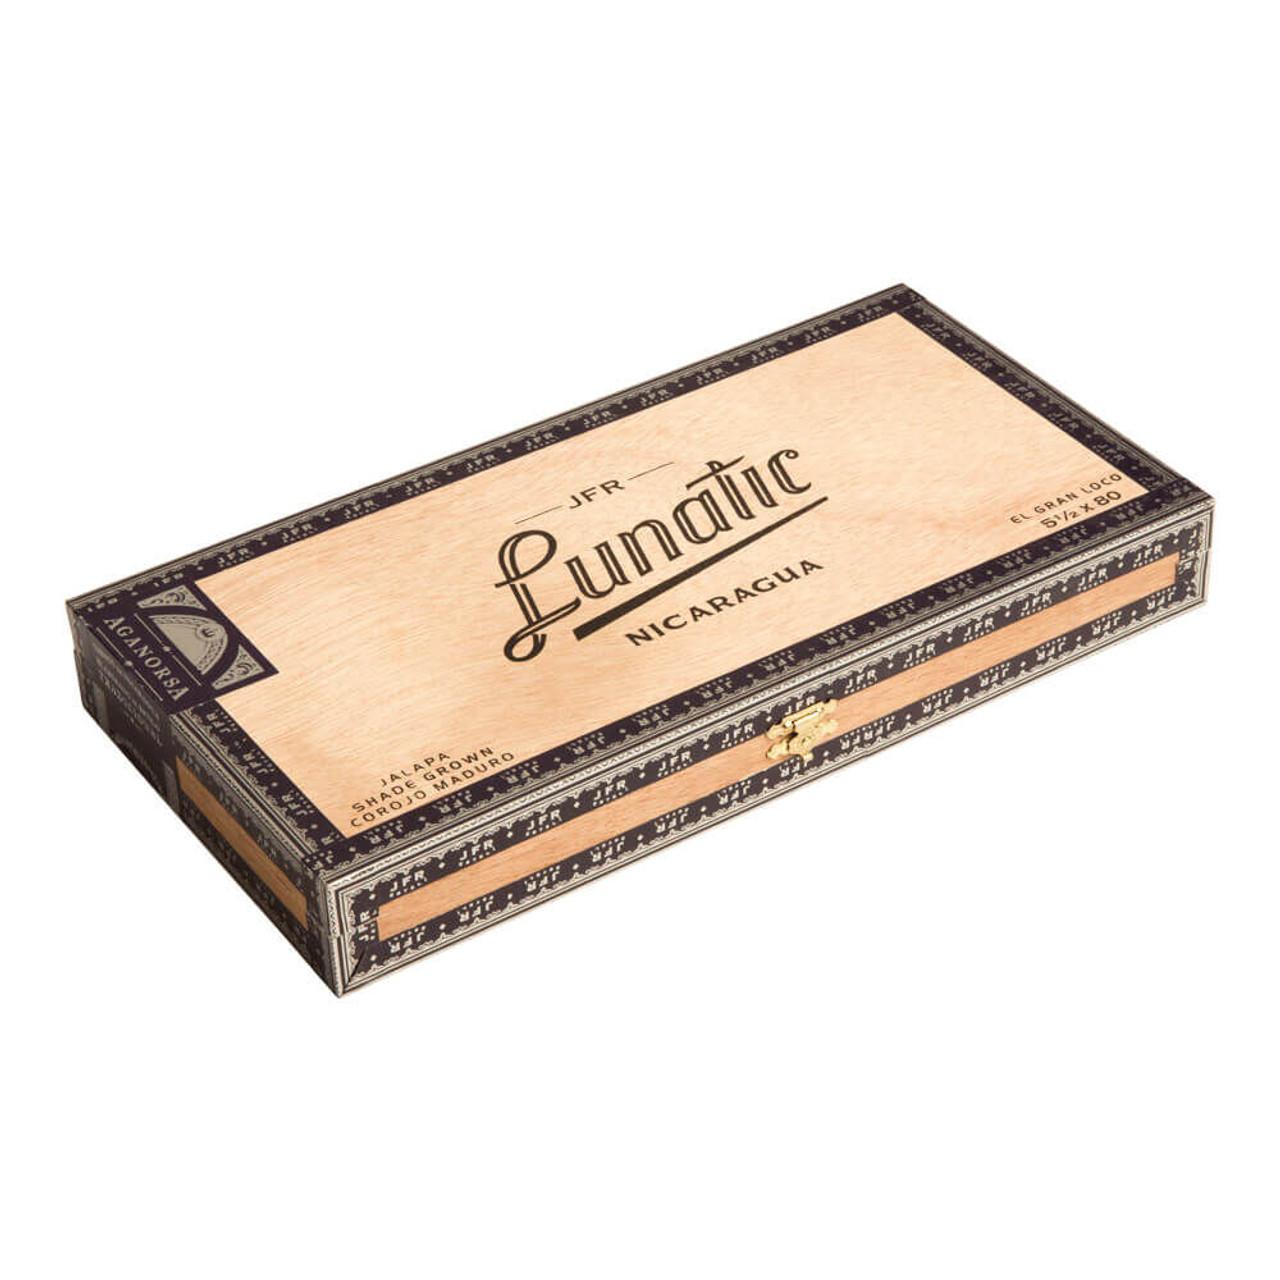 Casa Fernandez JFR Lunatic Loco Maduro El Gran Loco Cigars - 5.5 x 80 (Box of 10)